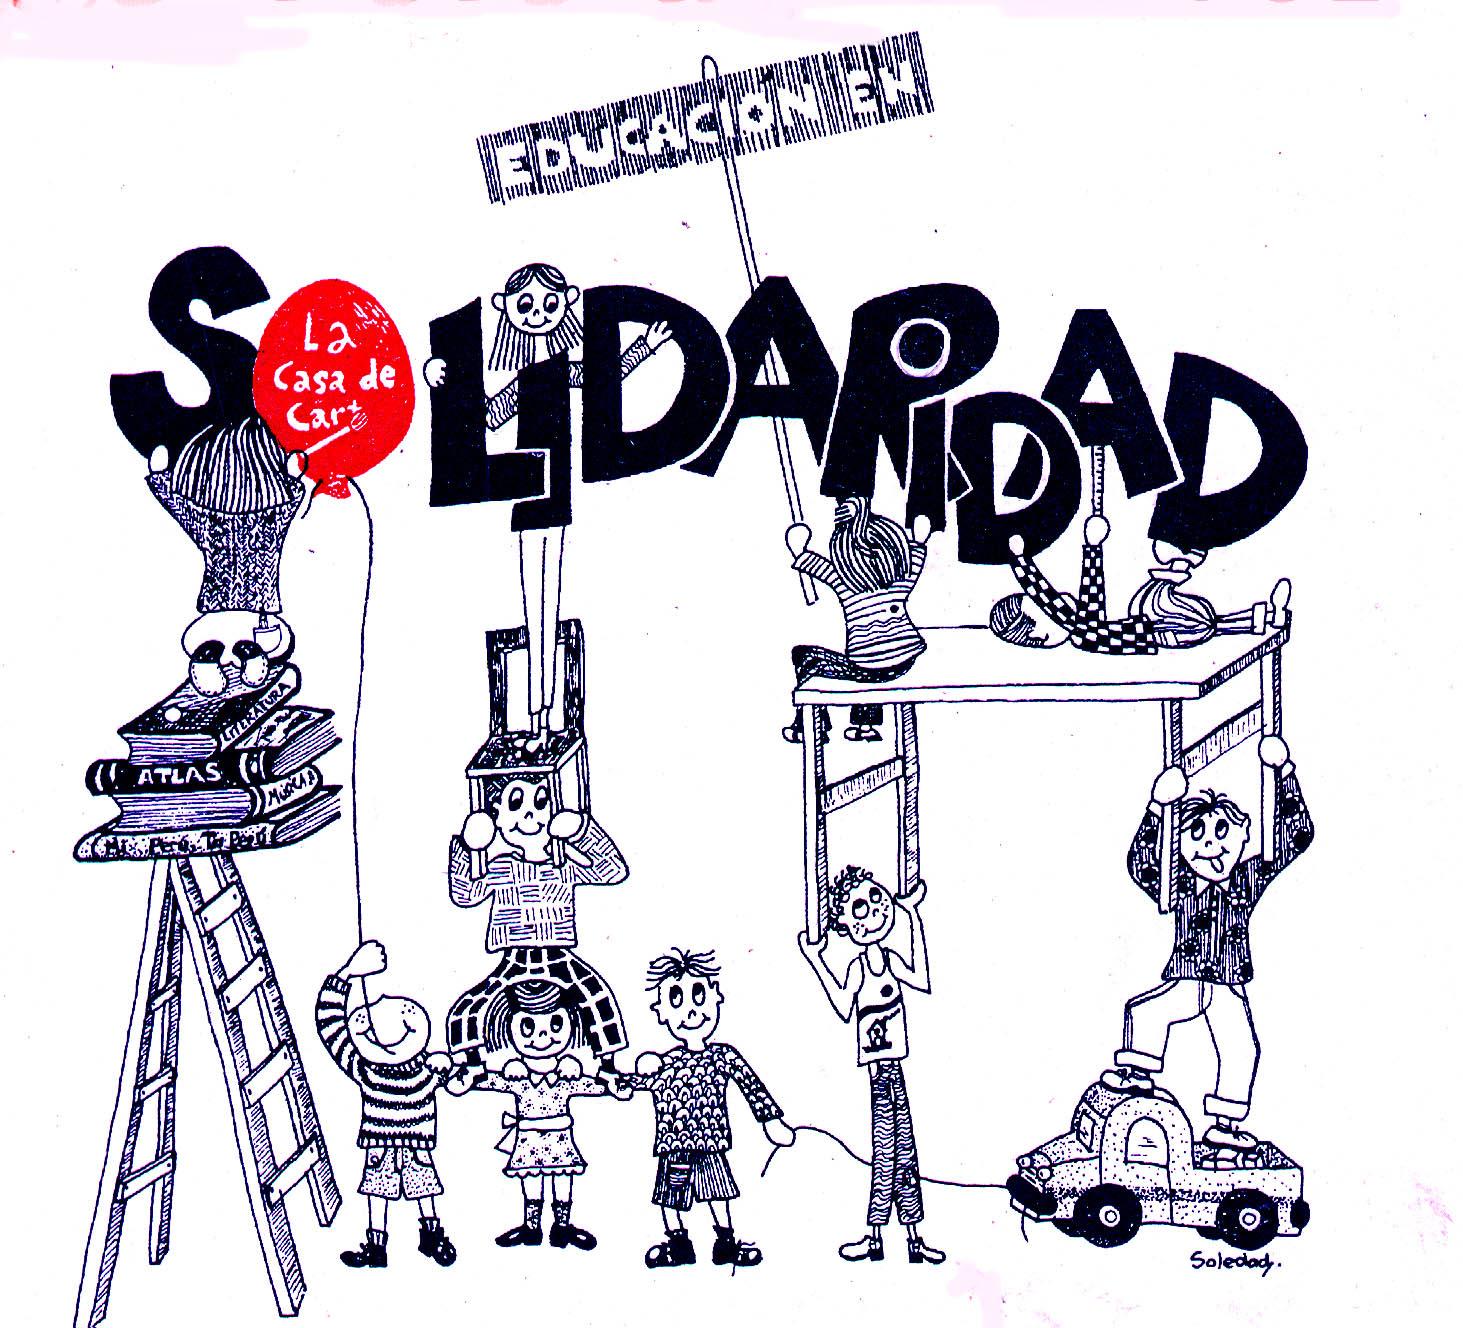 El Blog de Marcelo: SOLIDARIDAD: Curso de formación en valores